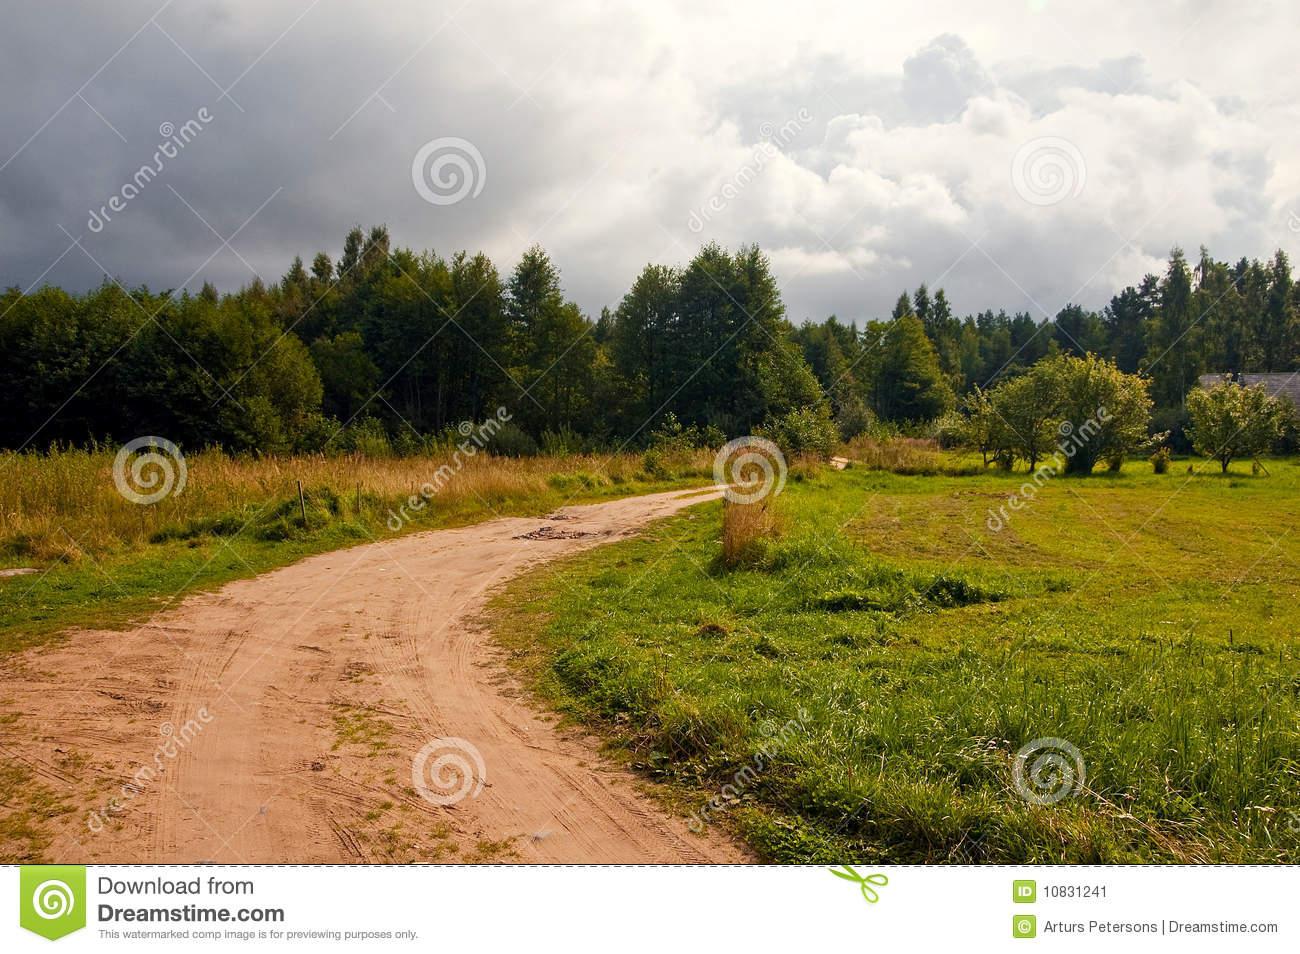 remote-country-road-rain-10831241